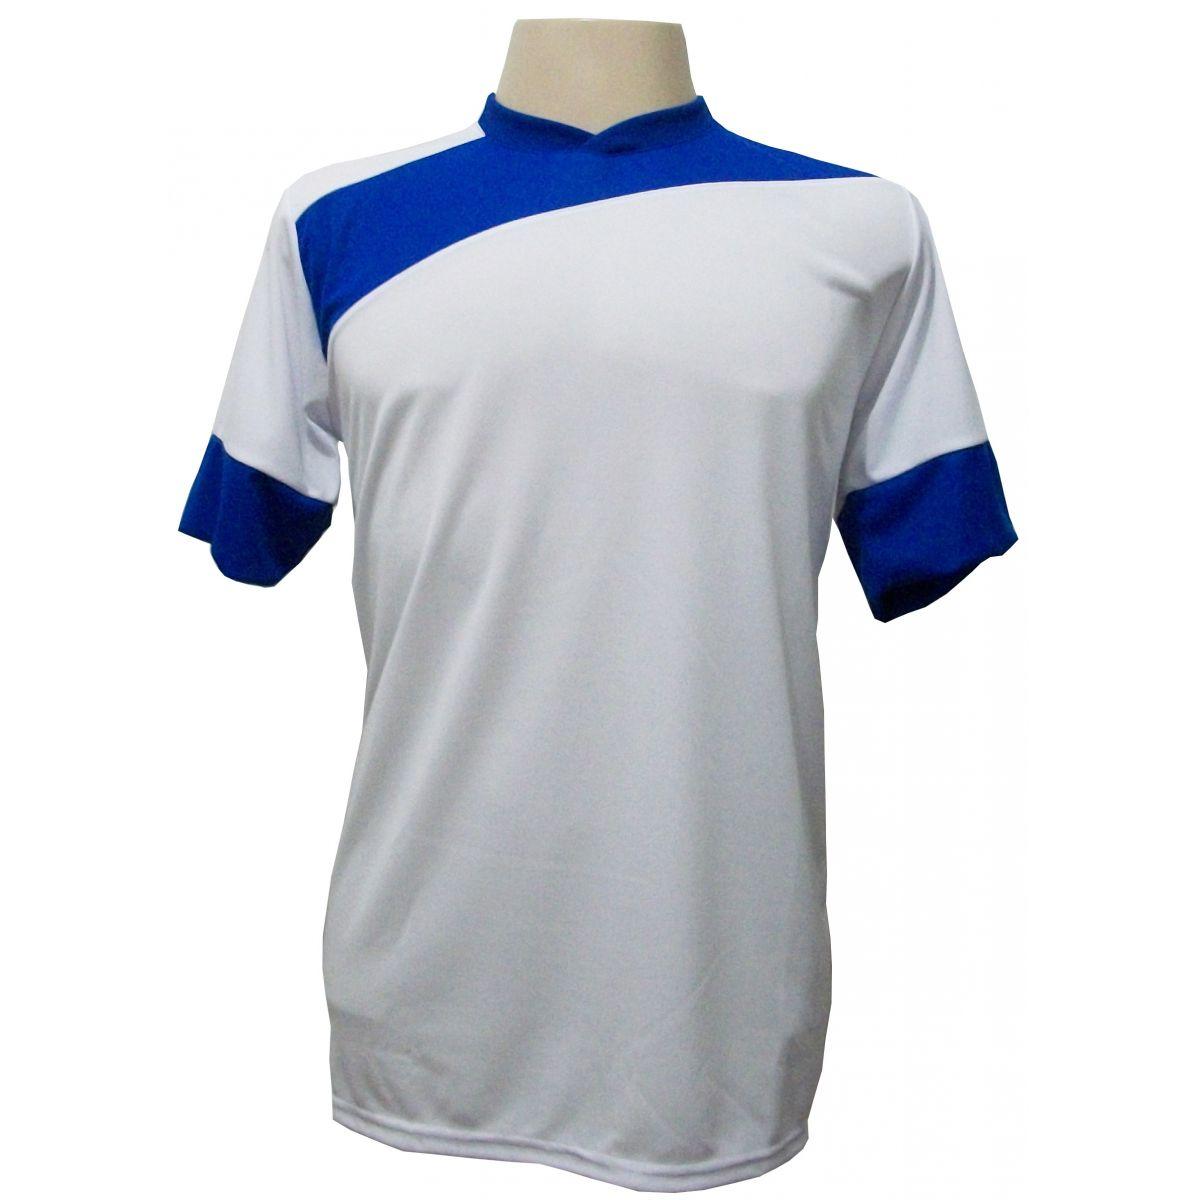 Jogo de Camisa com 14 unidades modelo Sporting Branco/Royal + 1 Goleiro + Brindes